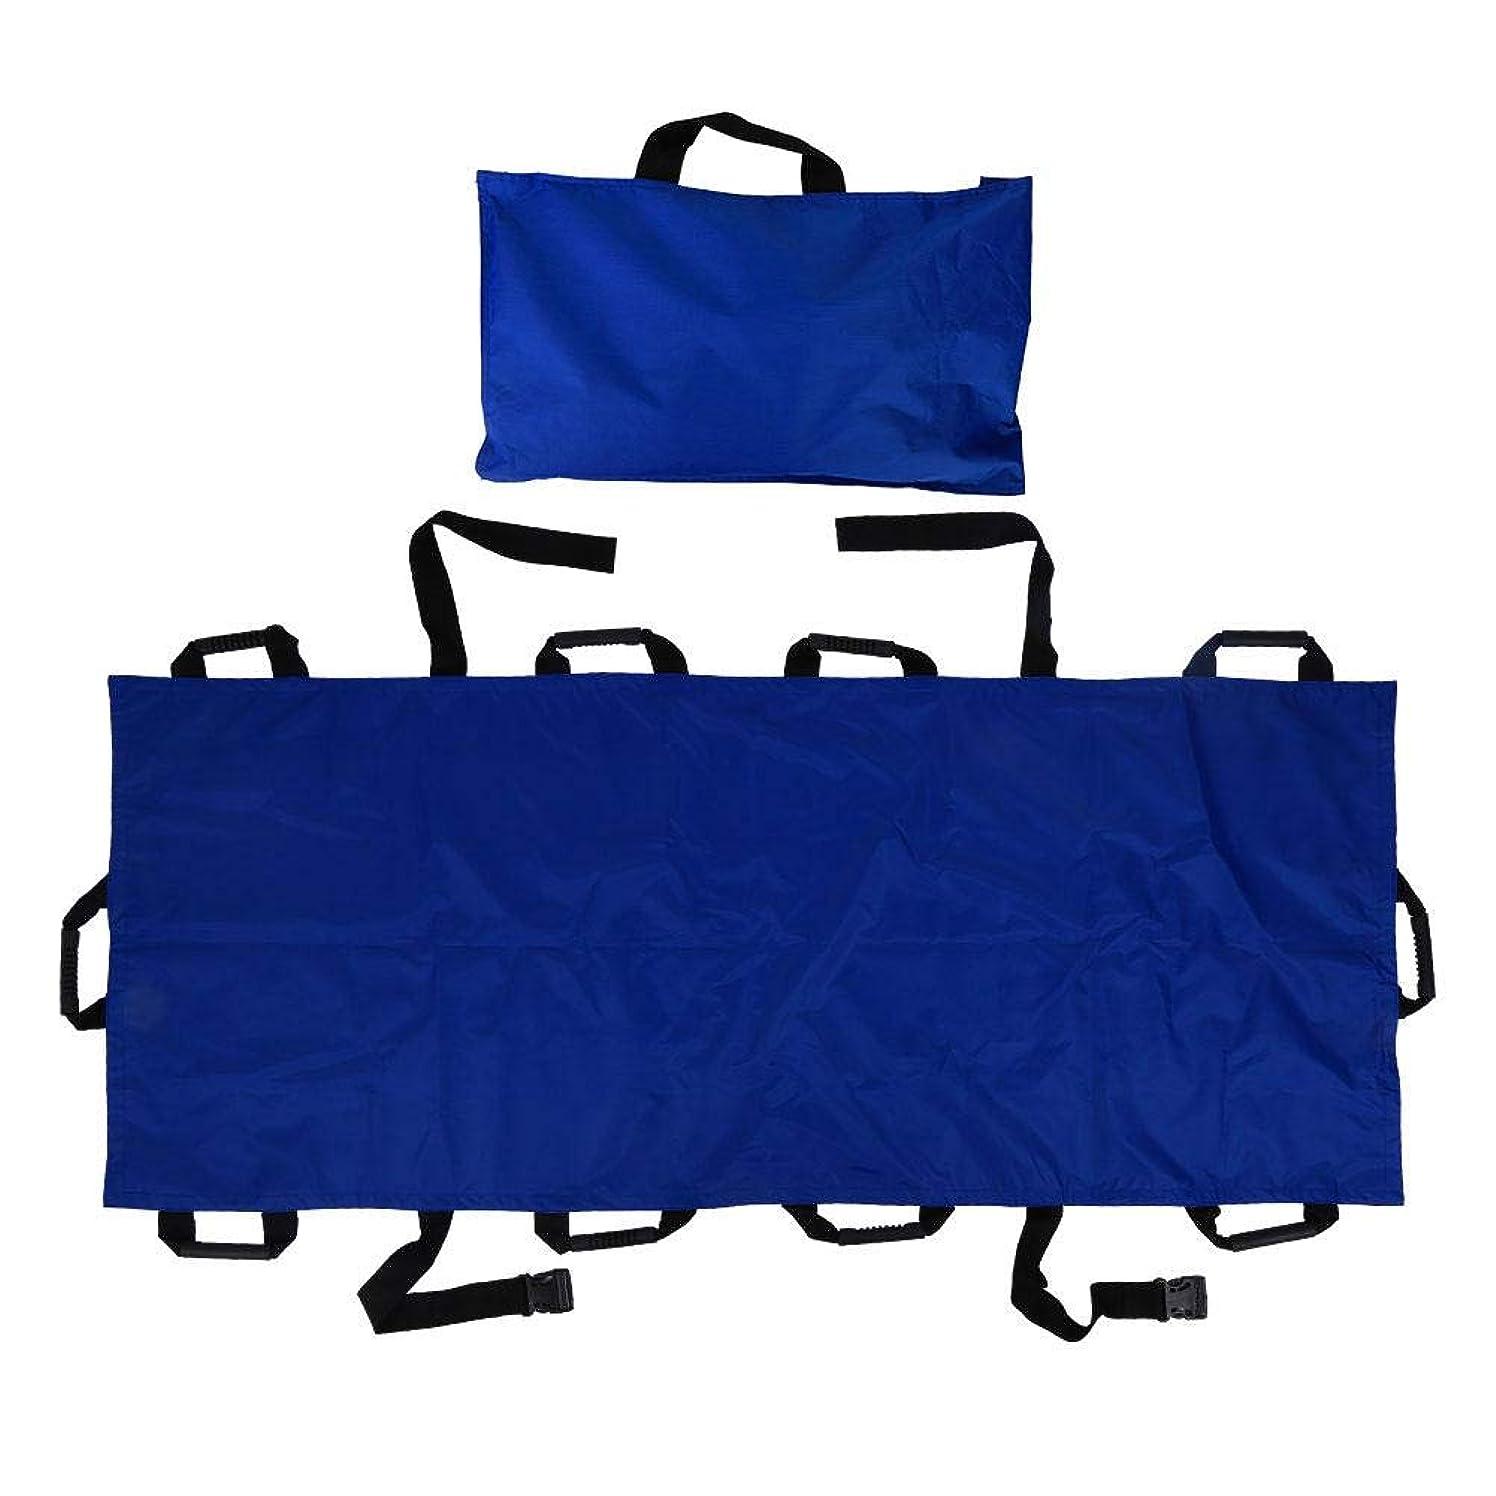 ラッドヤードキップリング文庫本ポジション家庭用ストレッチャー、ポータブル10ハンドルオックスフォード布折りたたみ式患者輸送ソフトストレッチャー